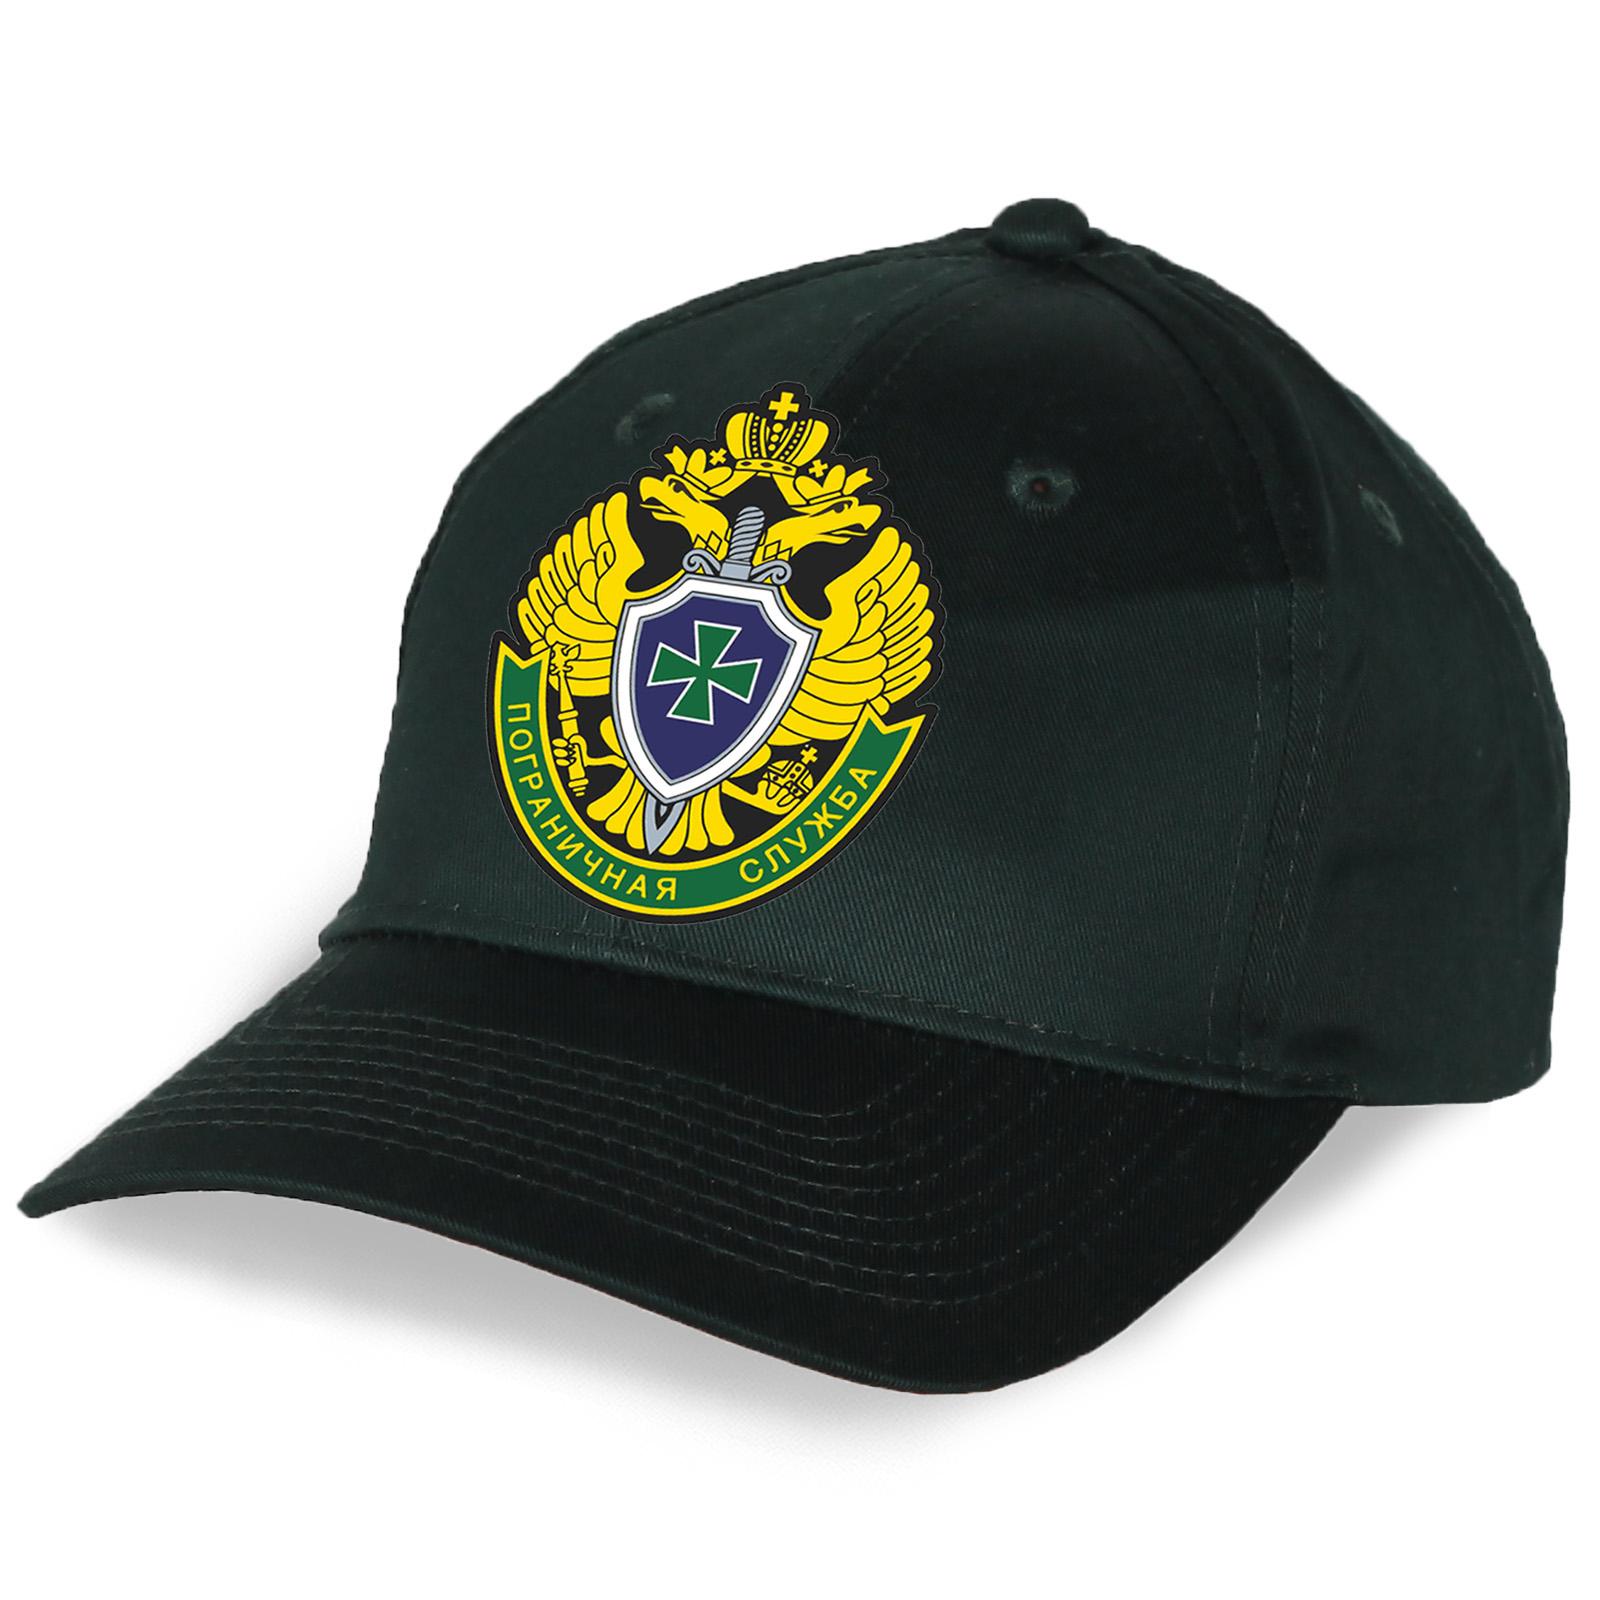 Четкая кепка пограничника с эмблемой Погранслужбы